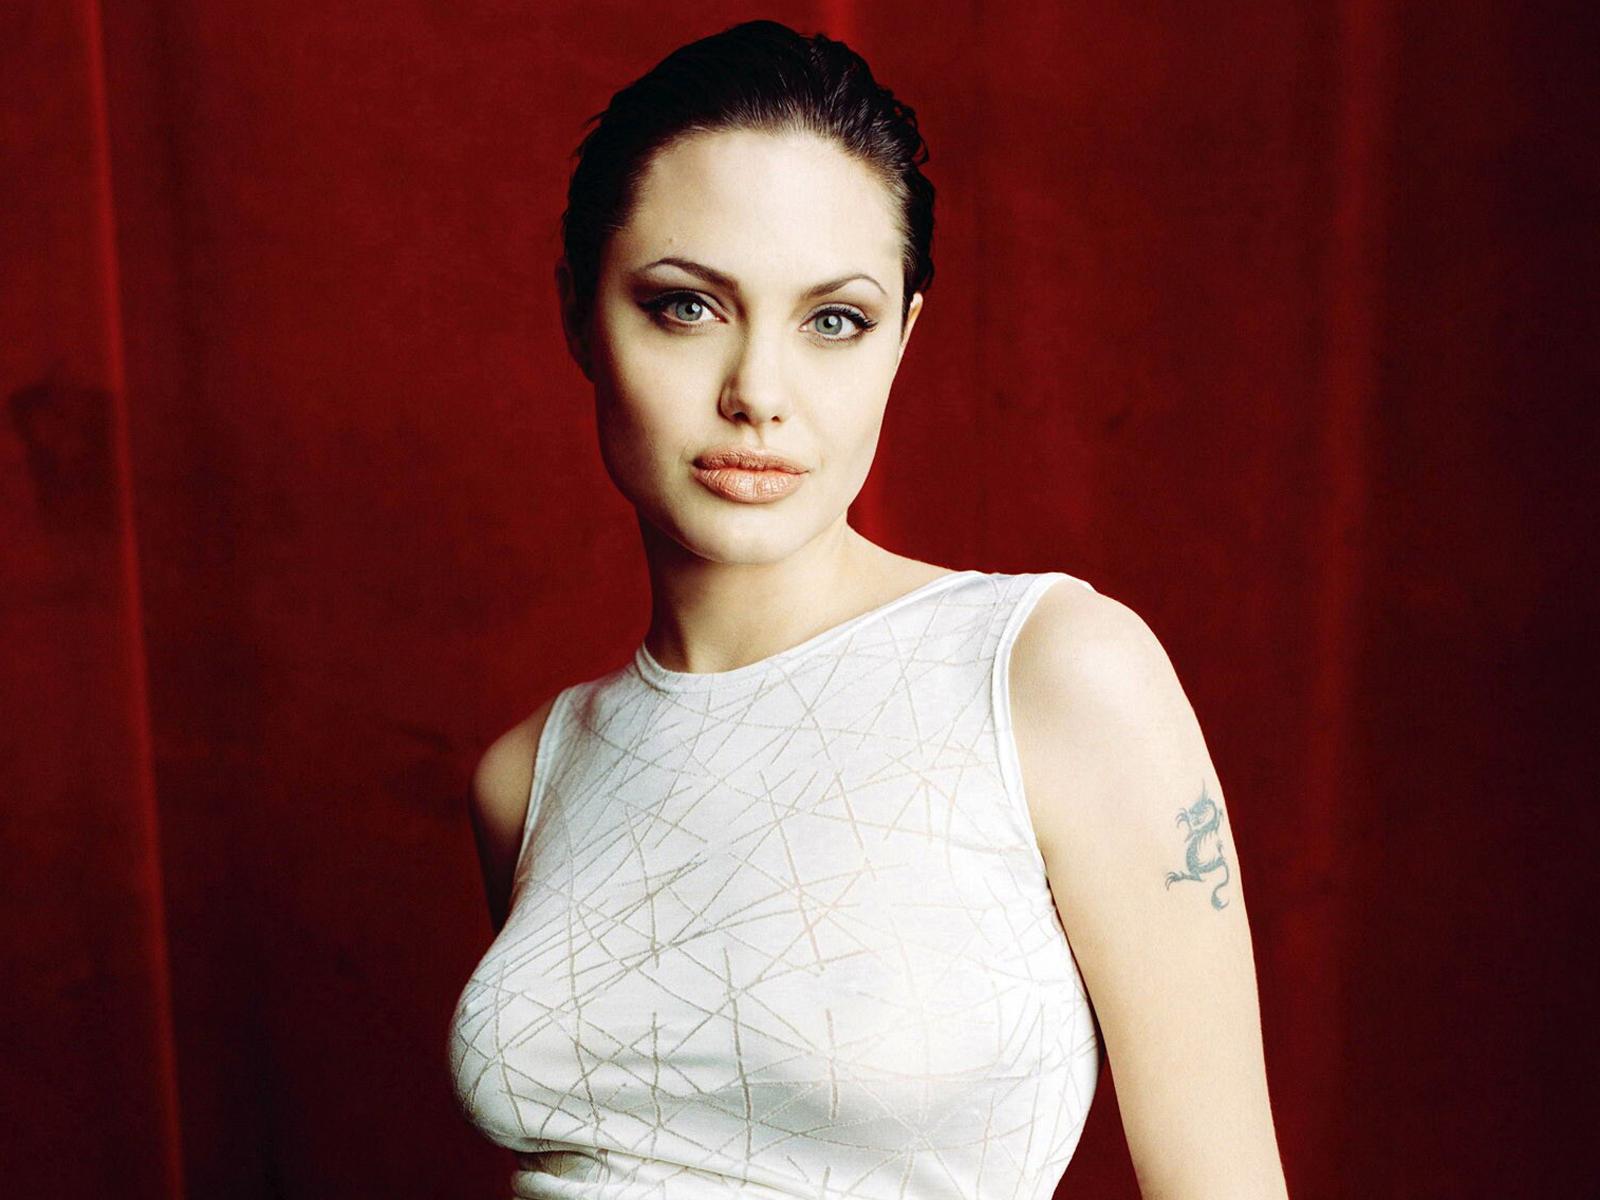 http://4.bp.blogspot.com/-9v2oUzaLqG0/TxmECIYx2WI/AAAAAAAABZk/MBiM7Sa_Er4/s1600/Angelina-Jolie-Wallpapers-Widescreen-1.jpg